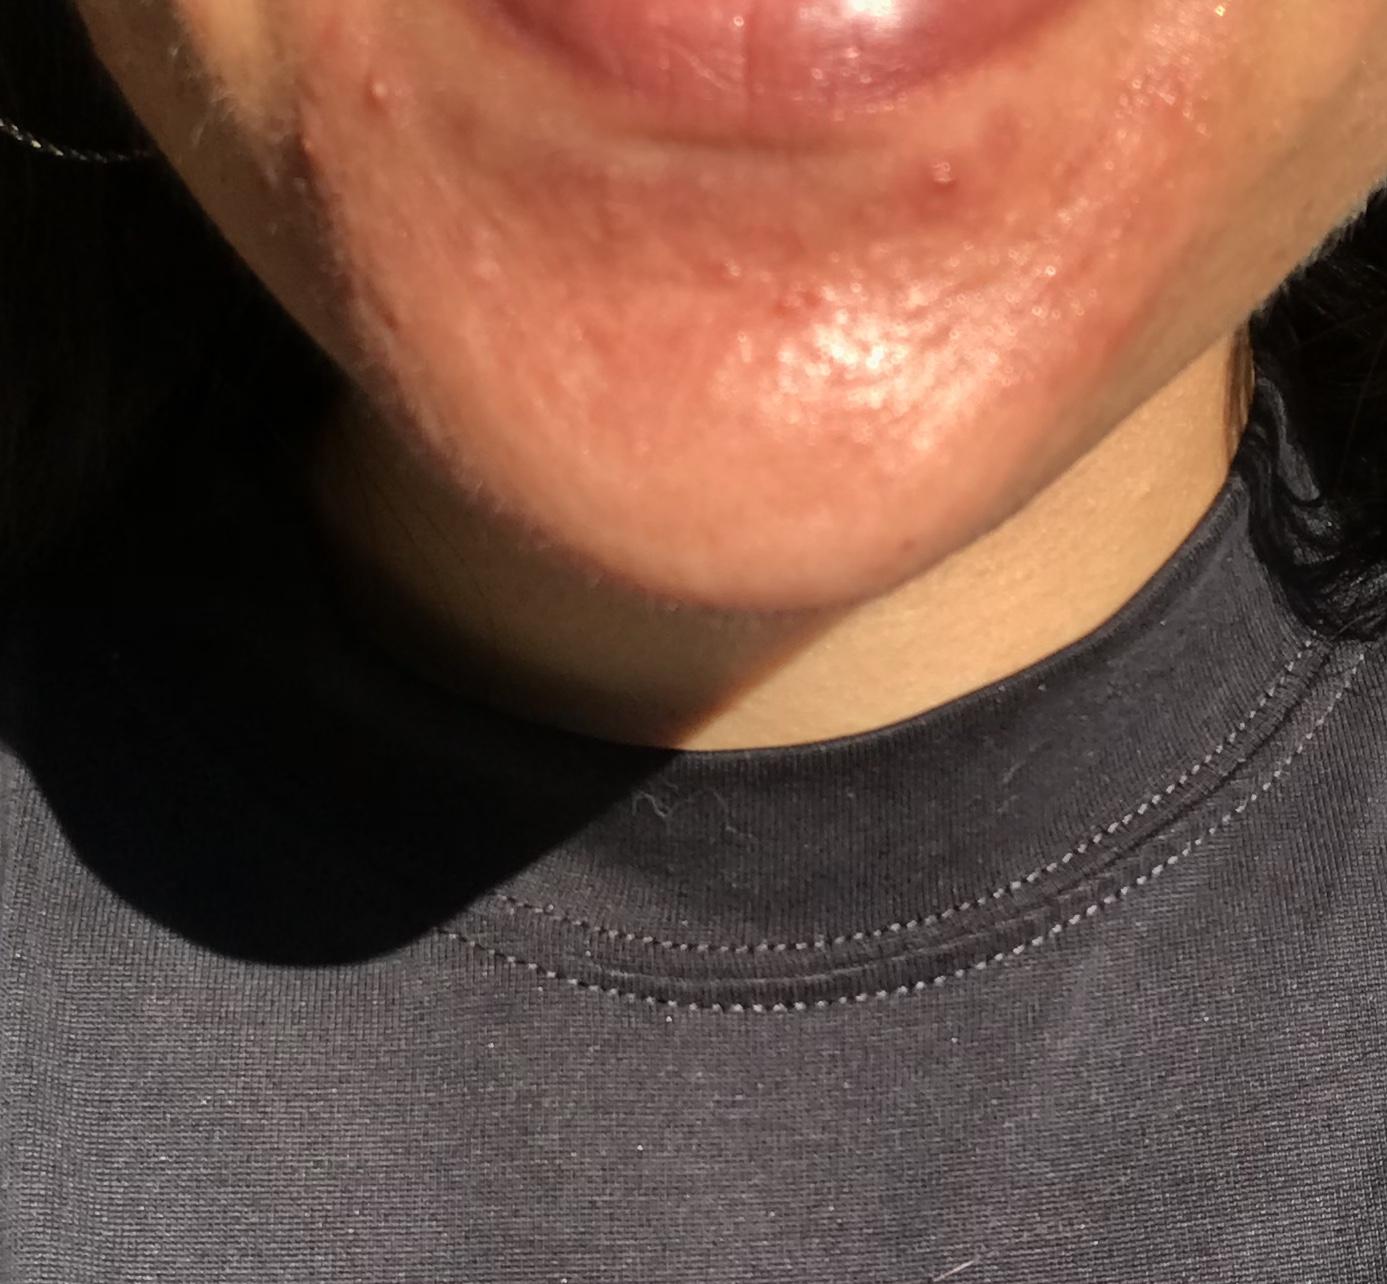 Perioral dermatitis apple cider vinegar